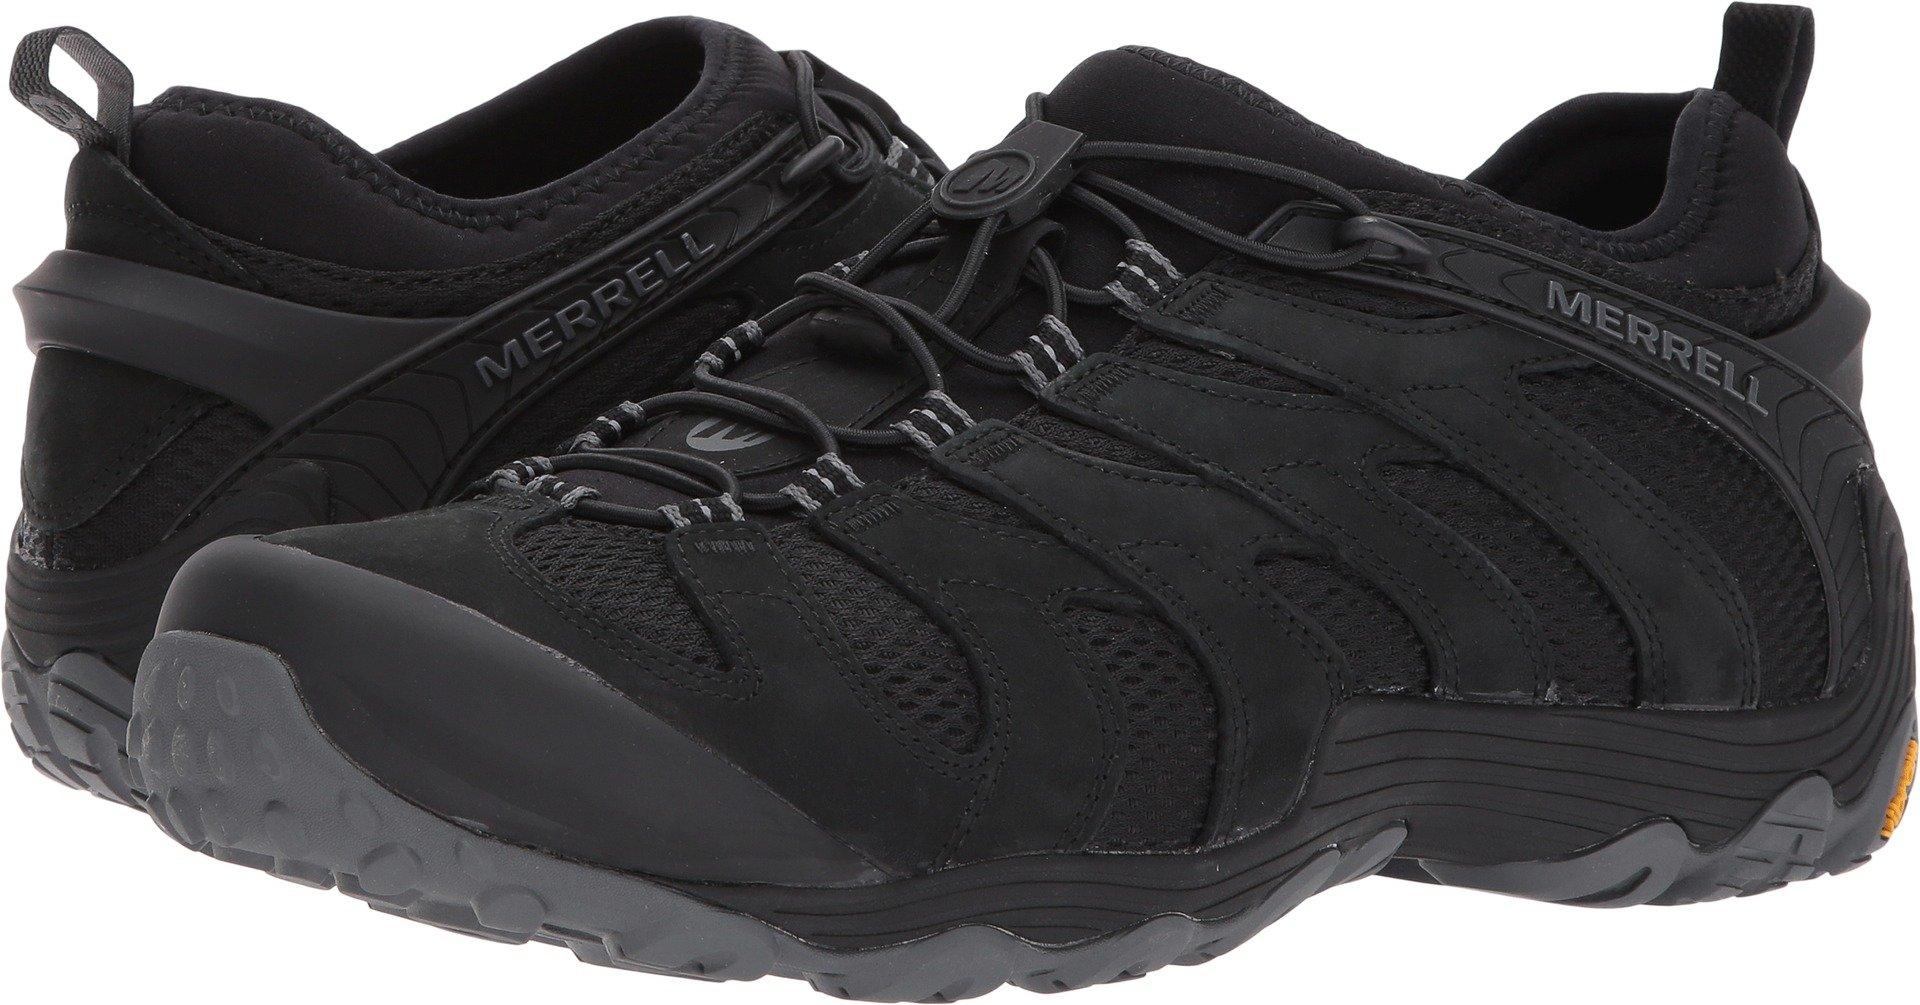 Merrell Men's Chameleon 7 Stretch Hiking Shoe, Black, 10.5 M US by Merrell